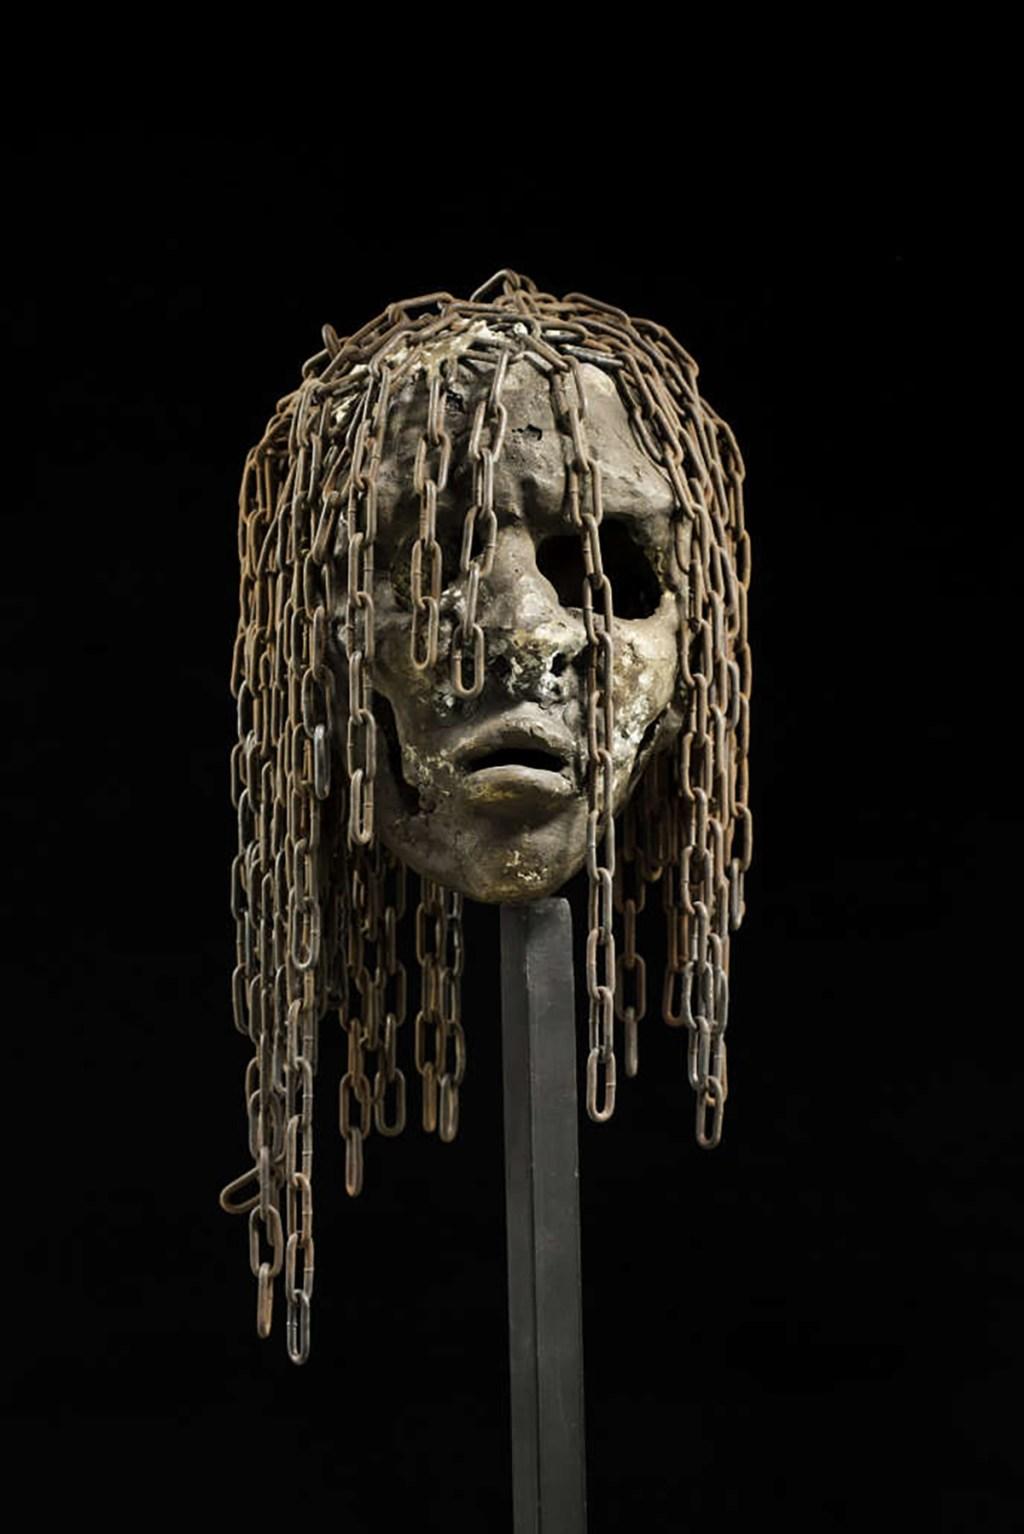 les-objets-spolies-pendant-la-colonisation-devraient-retourner-dans-les-villages-pas-dans-un-musee